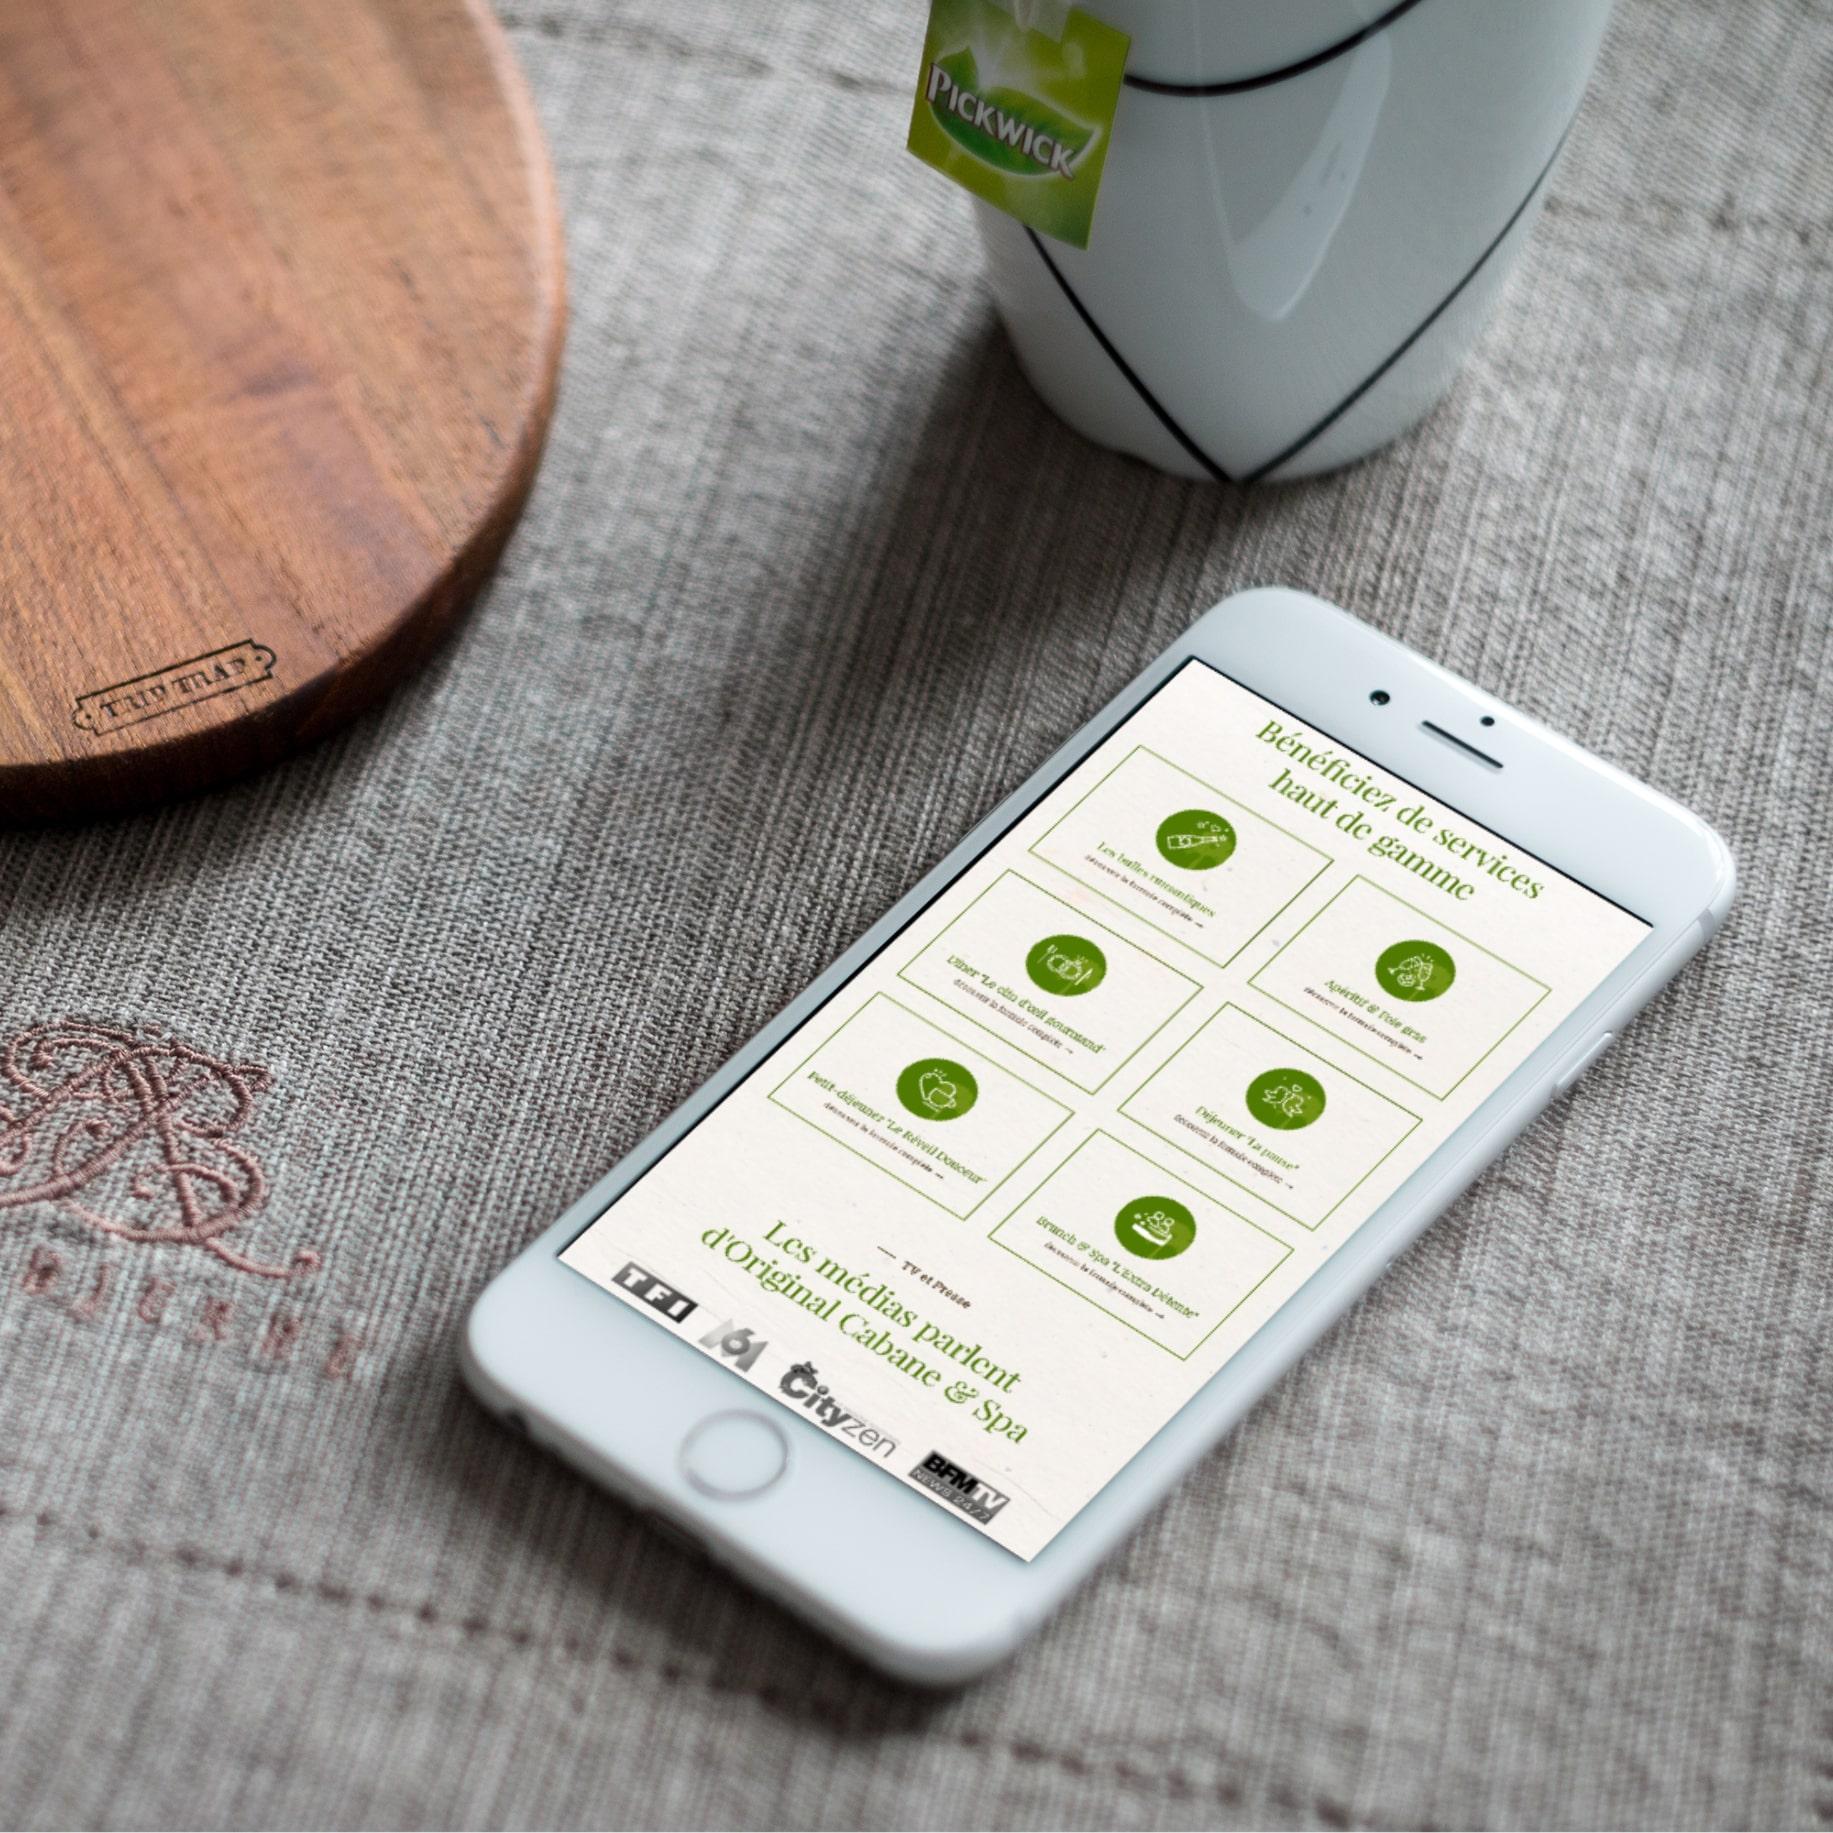 UX, design & développement de logiciel hôtelier / Application web mobile de réservation